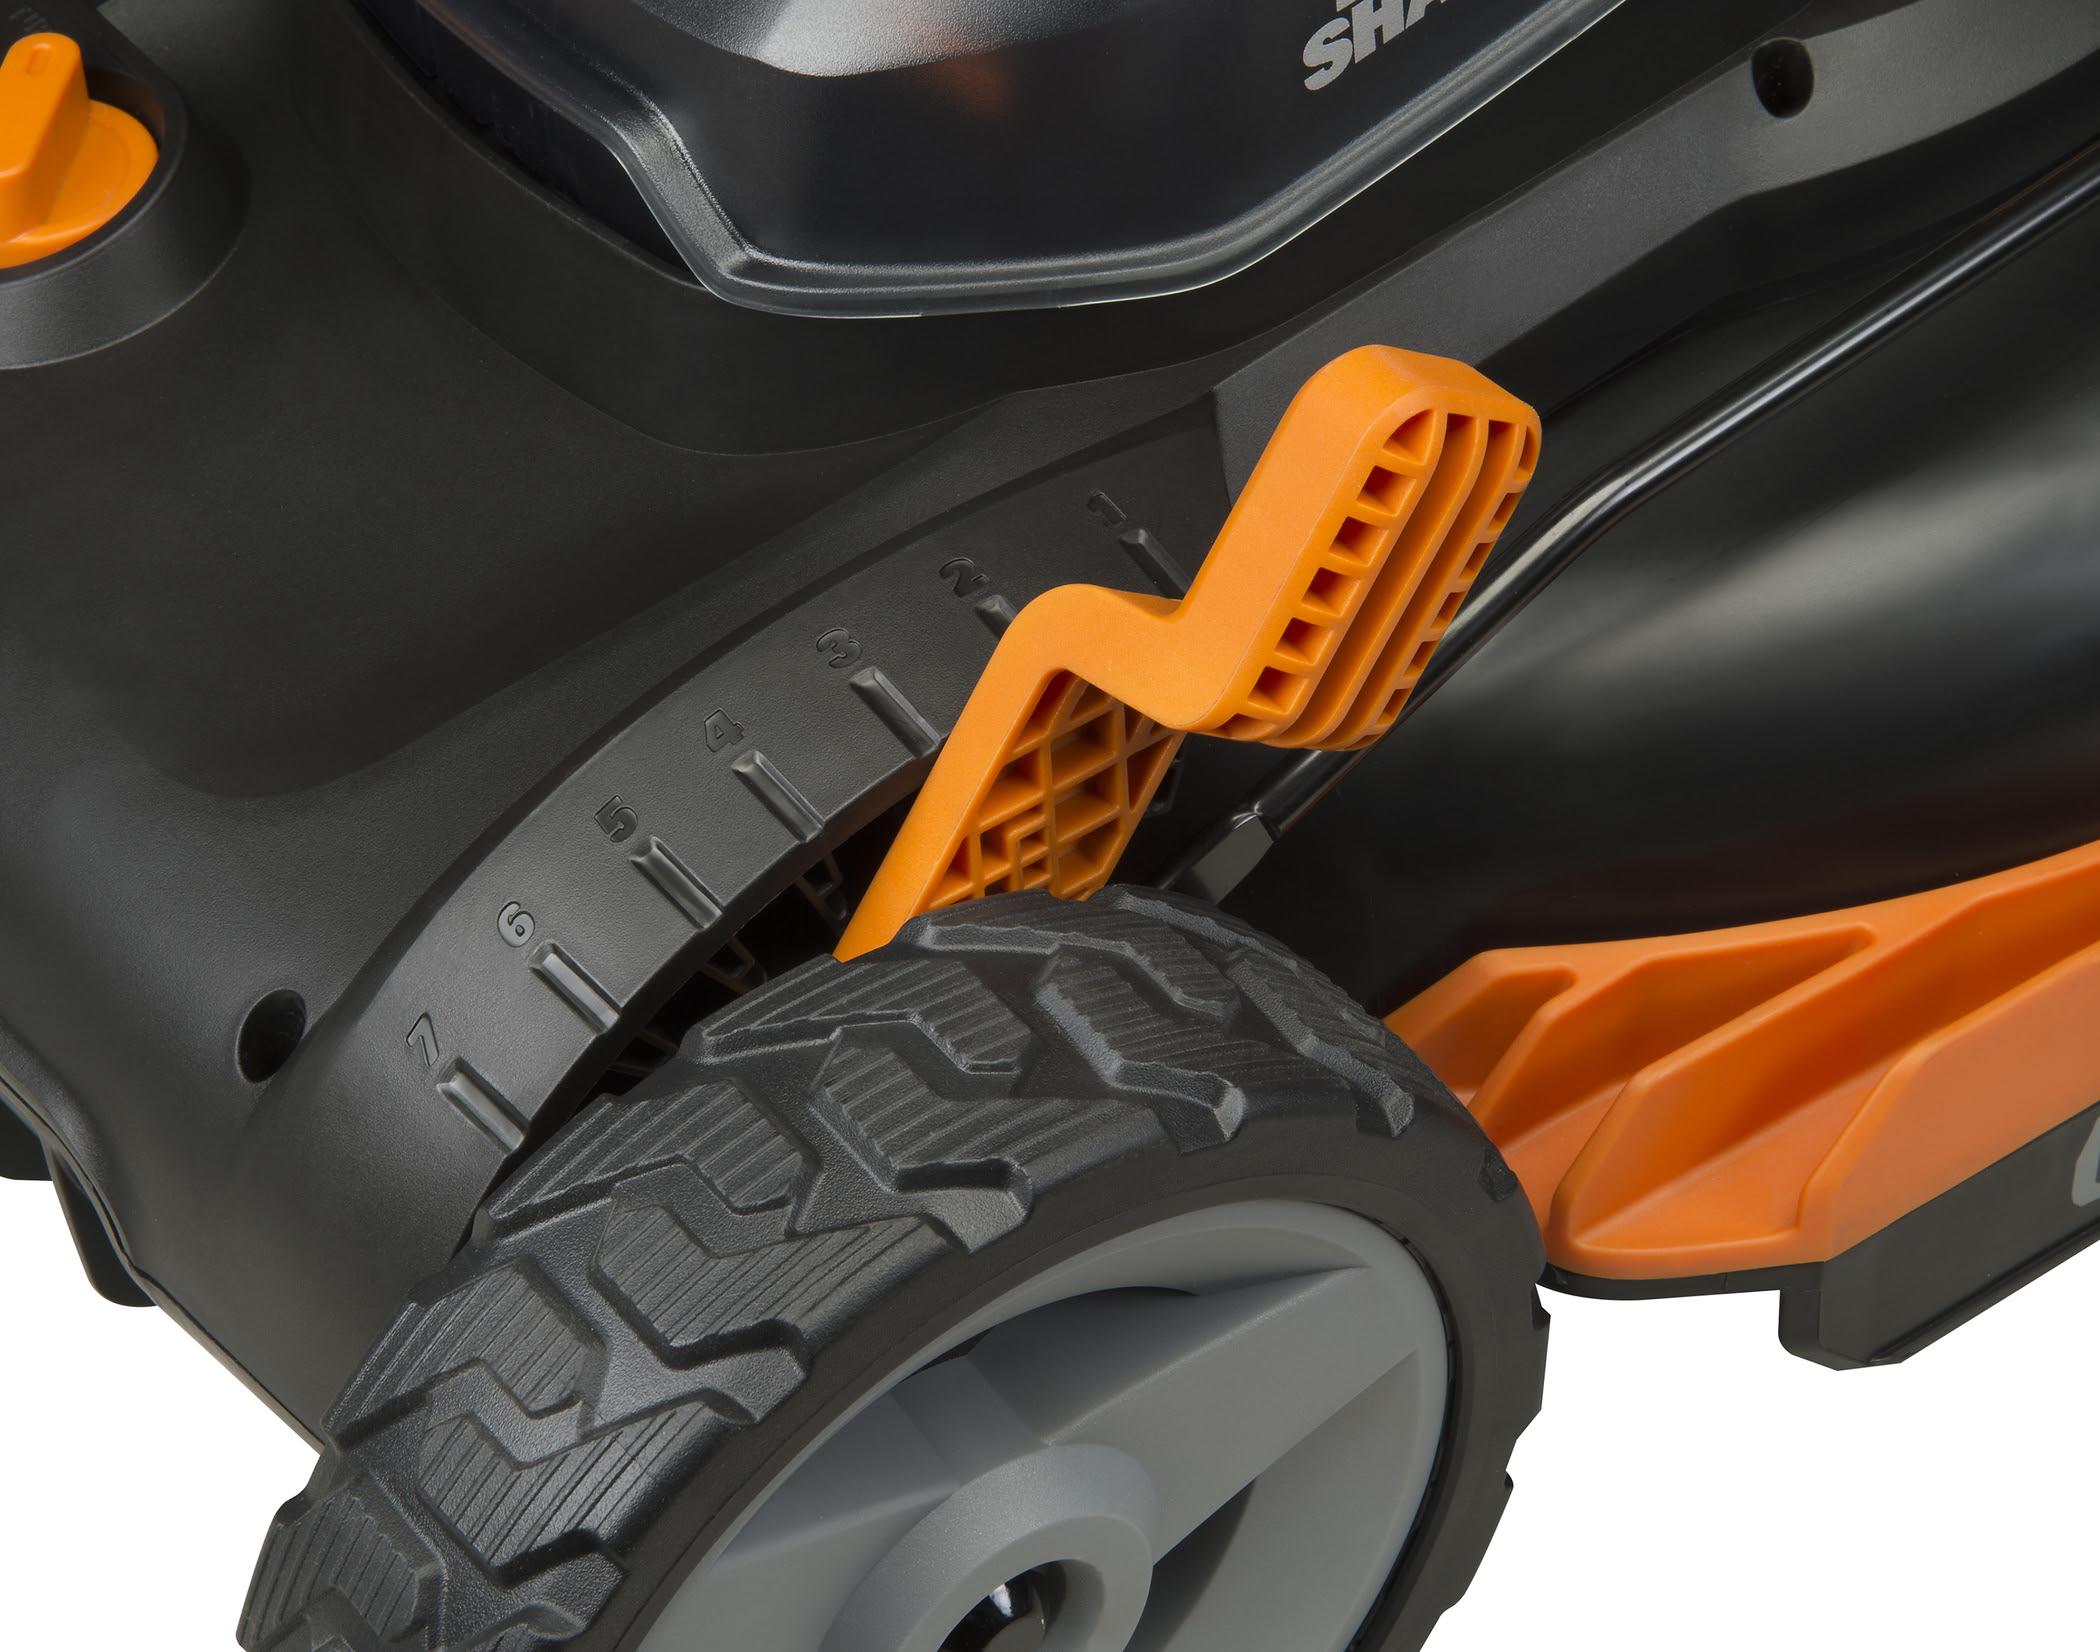 WORX 40V mower blade height adjustment lever.jpg